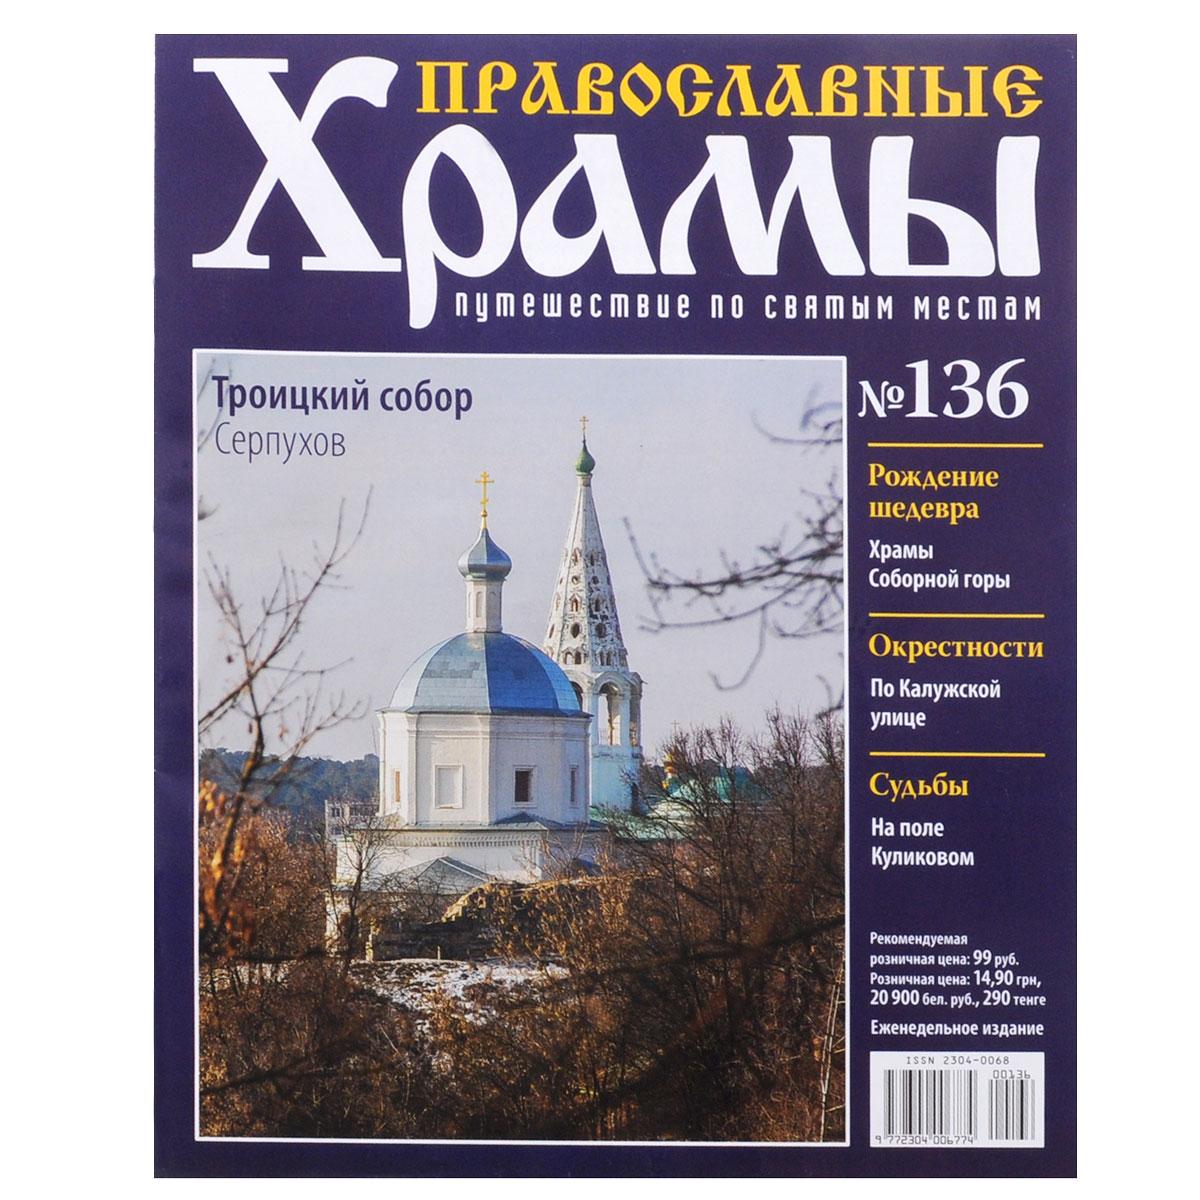 Журнал Православные храмы. Путешествие по святым местам № 136 самые знаменитые православные храмы москвы